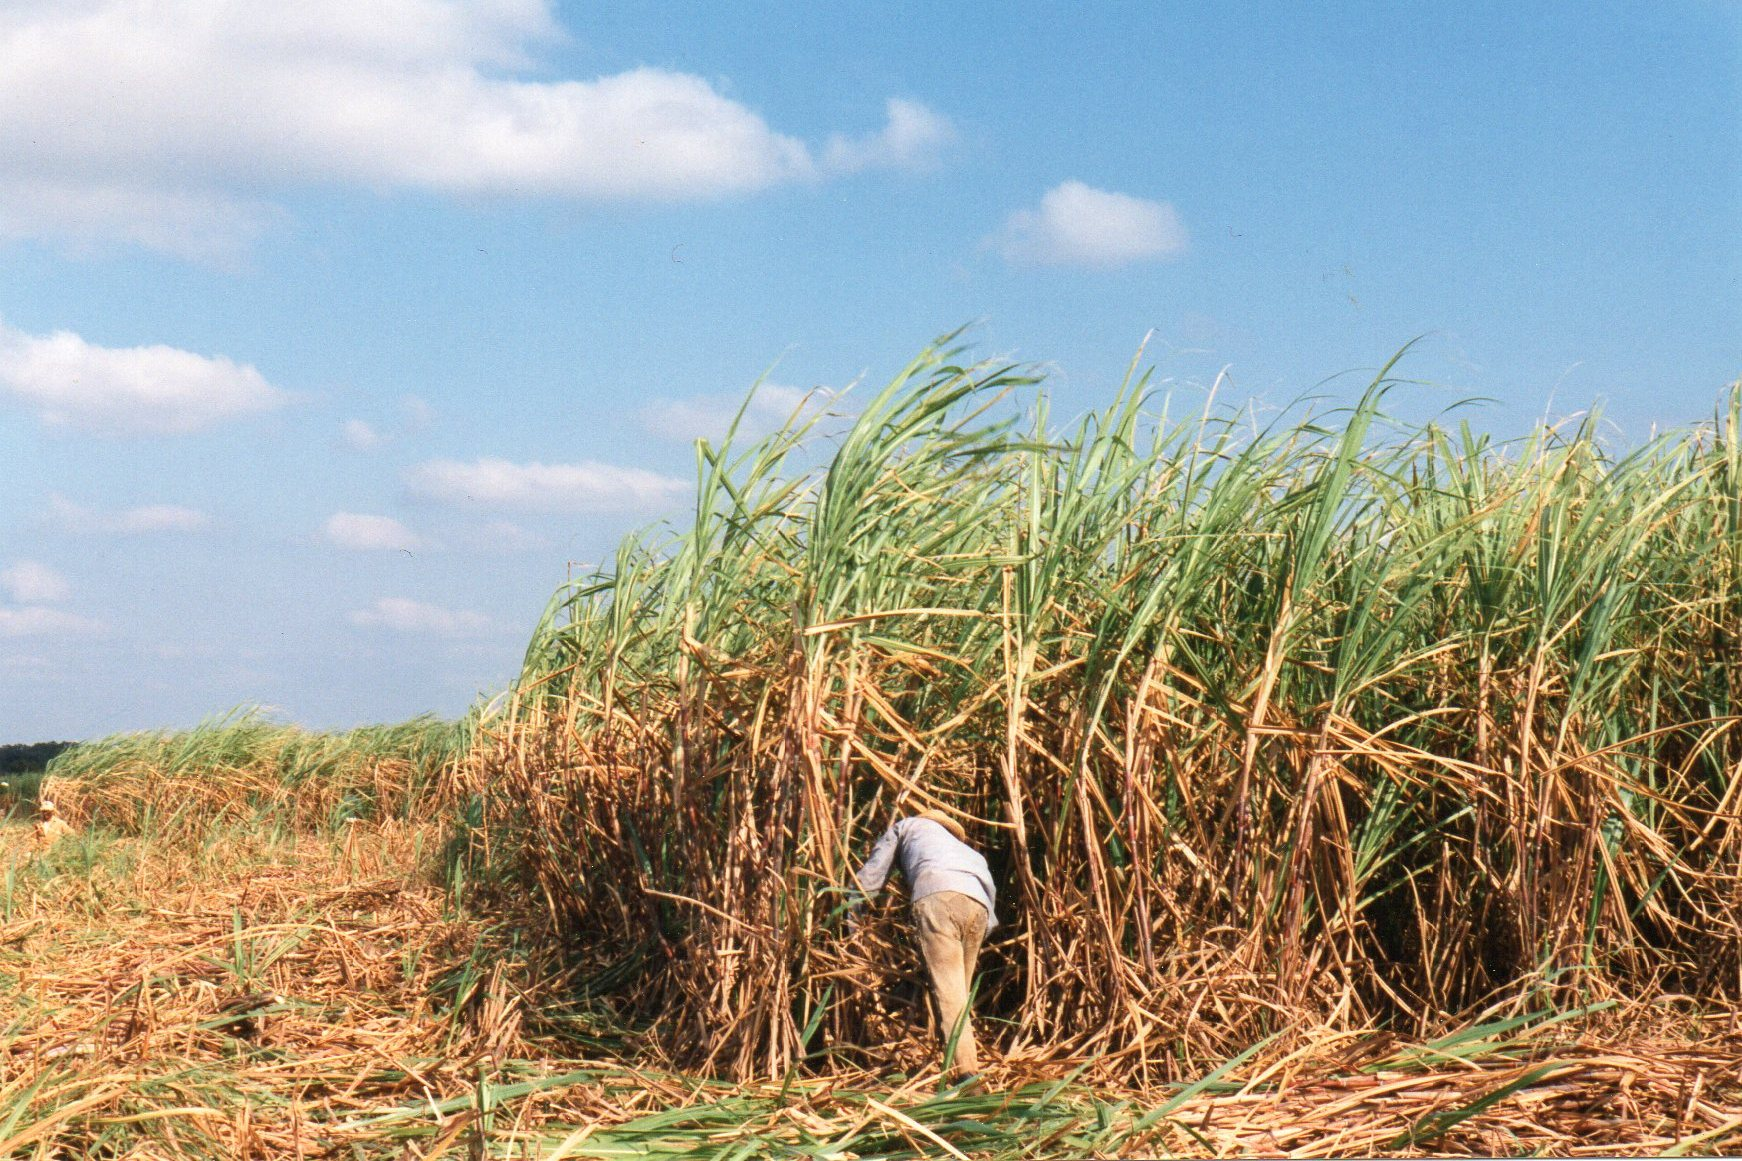 Sukkerhøst med macheteved Central 318 Victoria de Yaguajay og Central 304 Granma syd for Varadero. Granma, Bedstemor var navnet på skibet,hvormed Castro og hans folk sejlede til Cuba for at starte revolutionen.